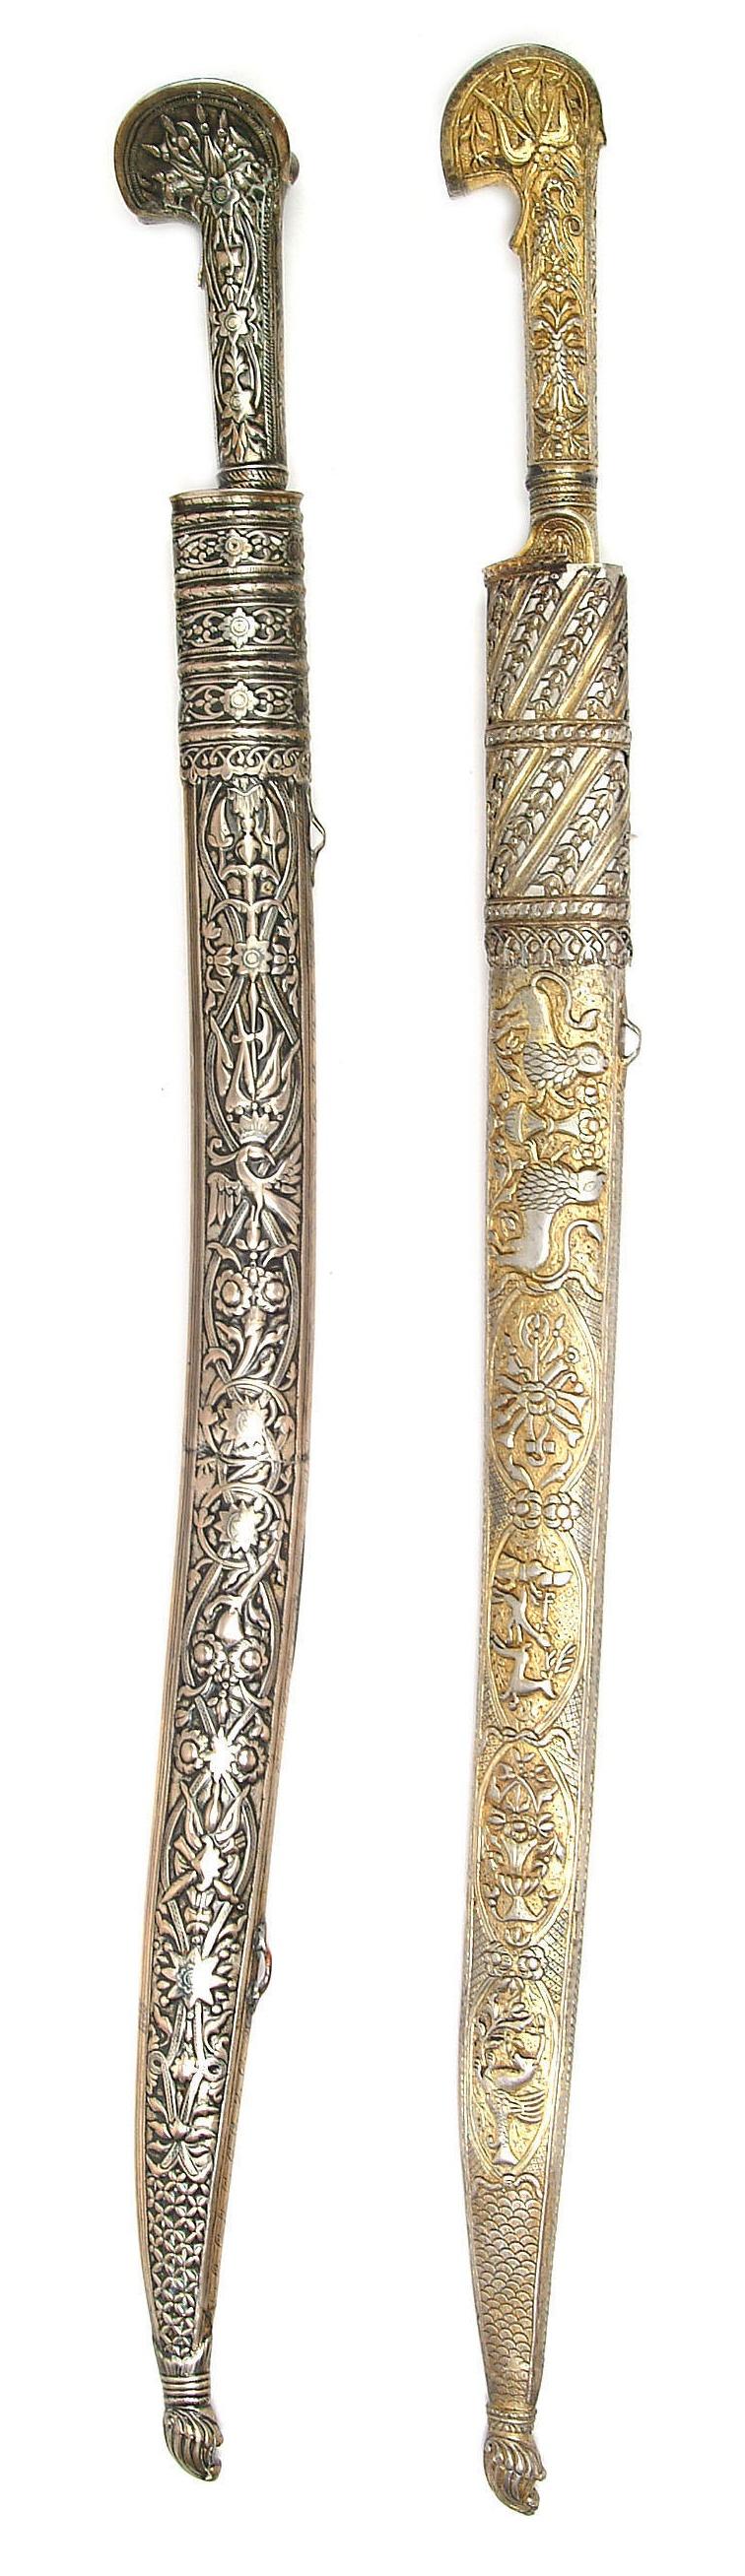 Pin oleh Sotiris KourlampasPefanis di Greek Swords